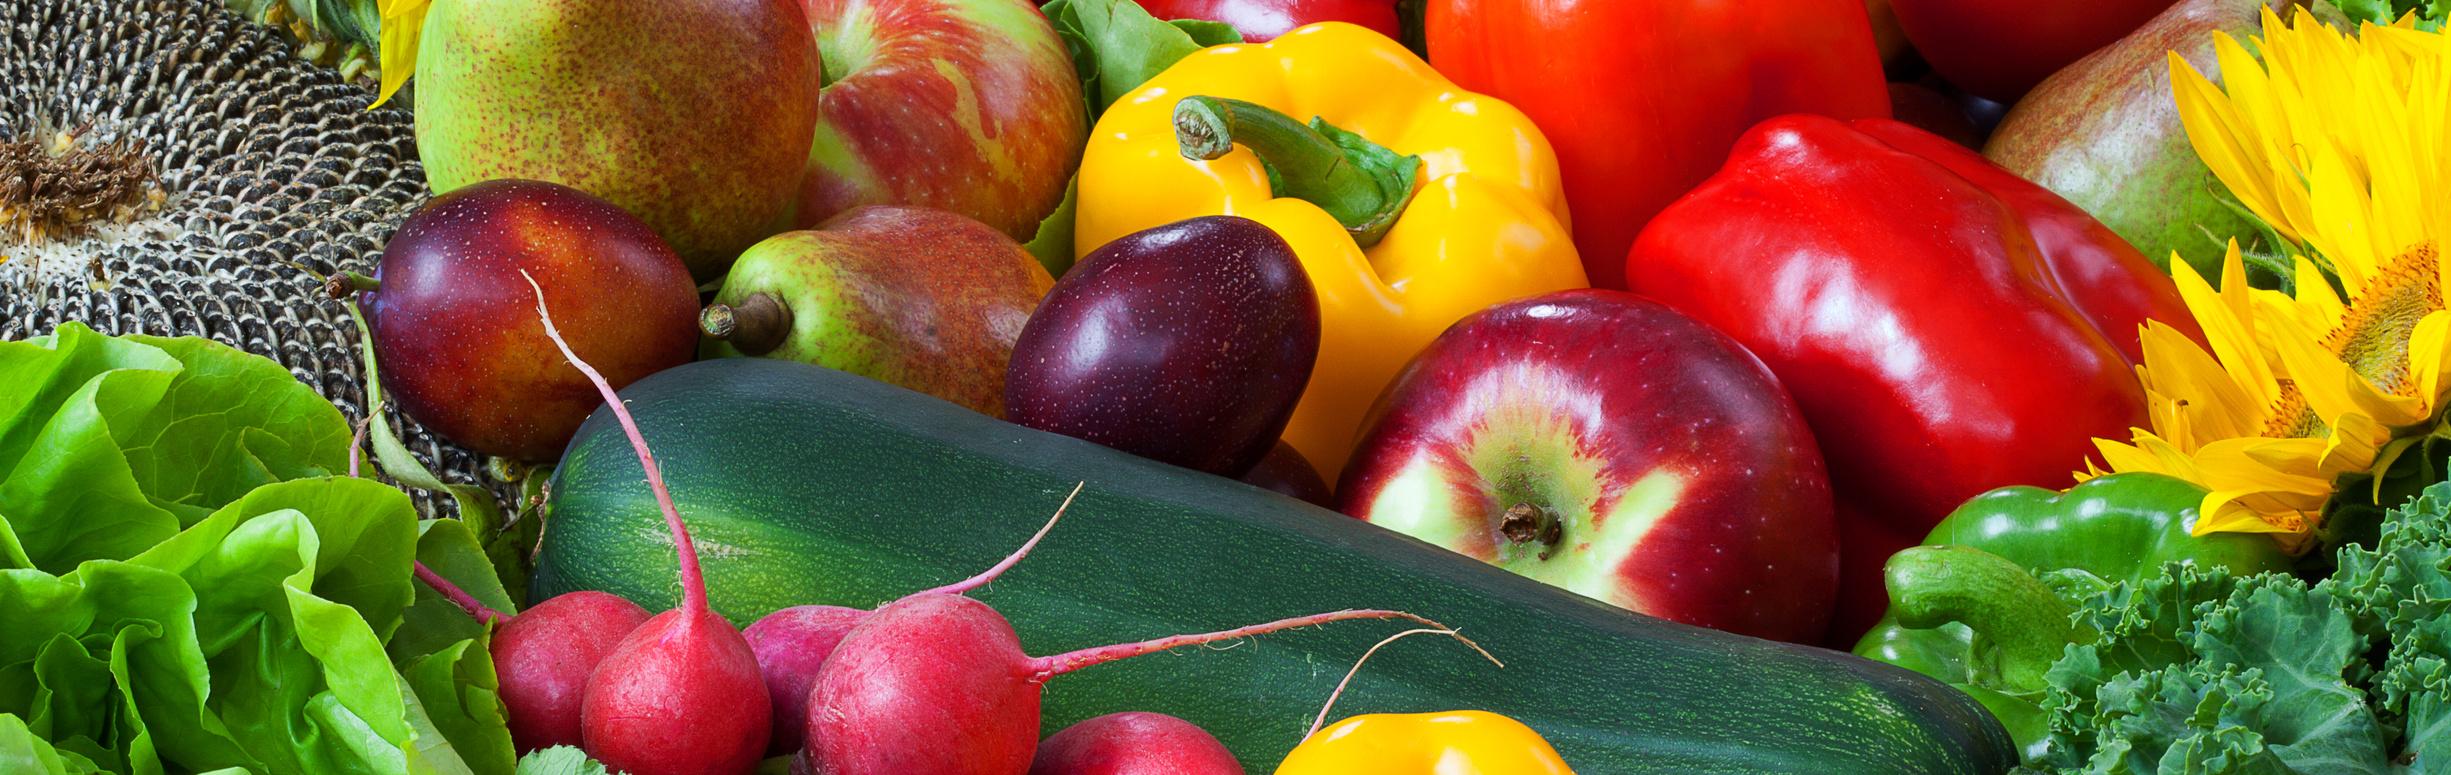 Lehrgang Diätetik und gesunde Ernährung | HGU